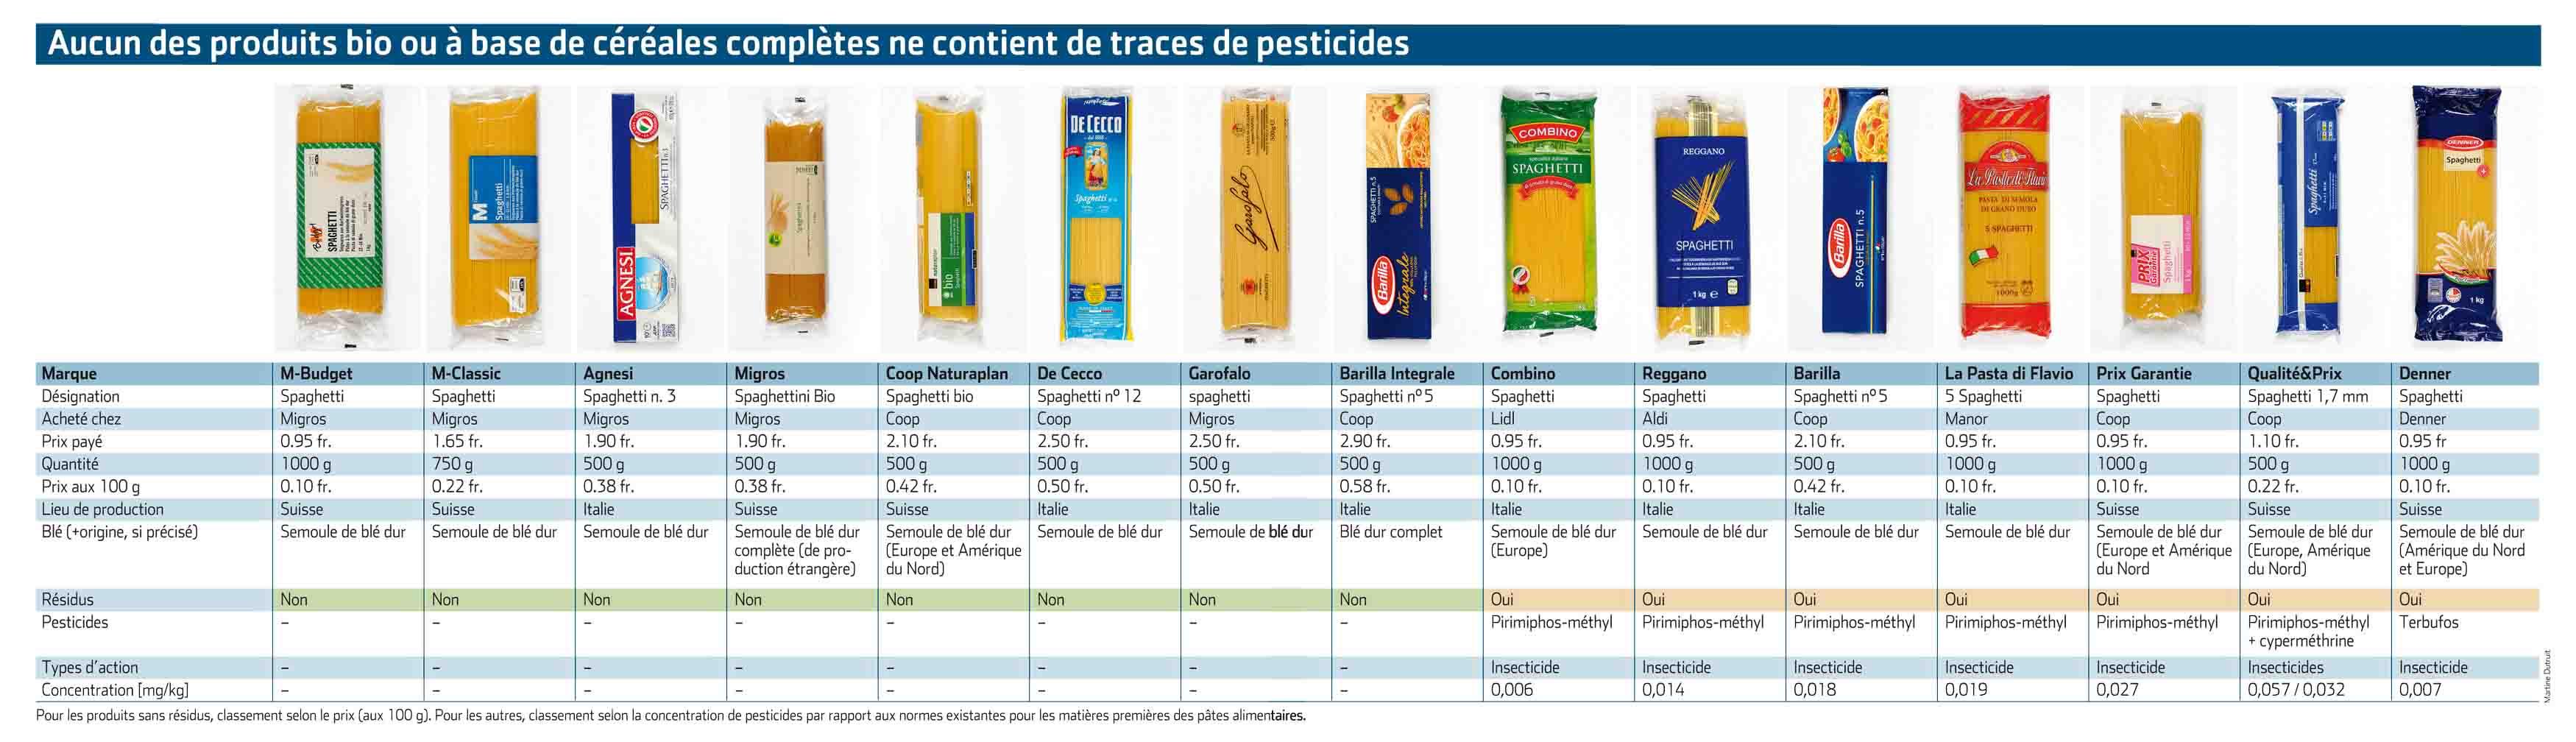 test spaghetti pesticidi I pesticidi trovati negli spaghetti: ecco le marche